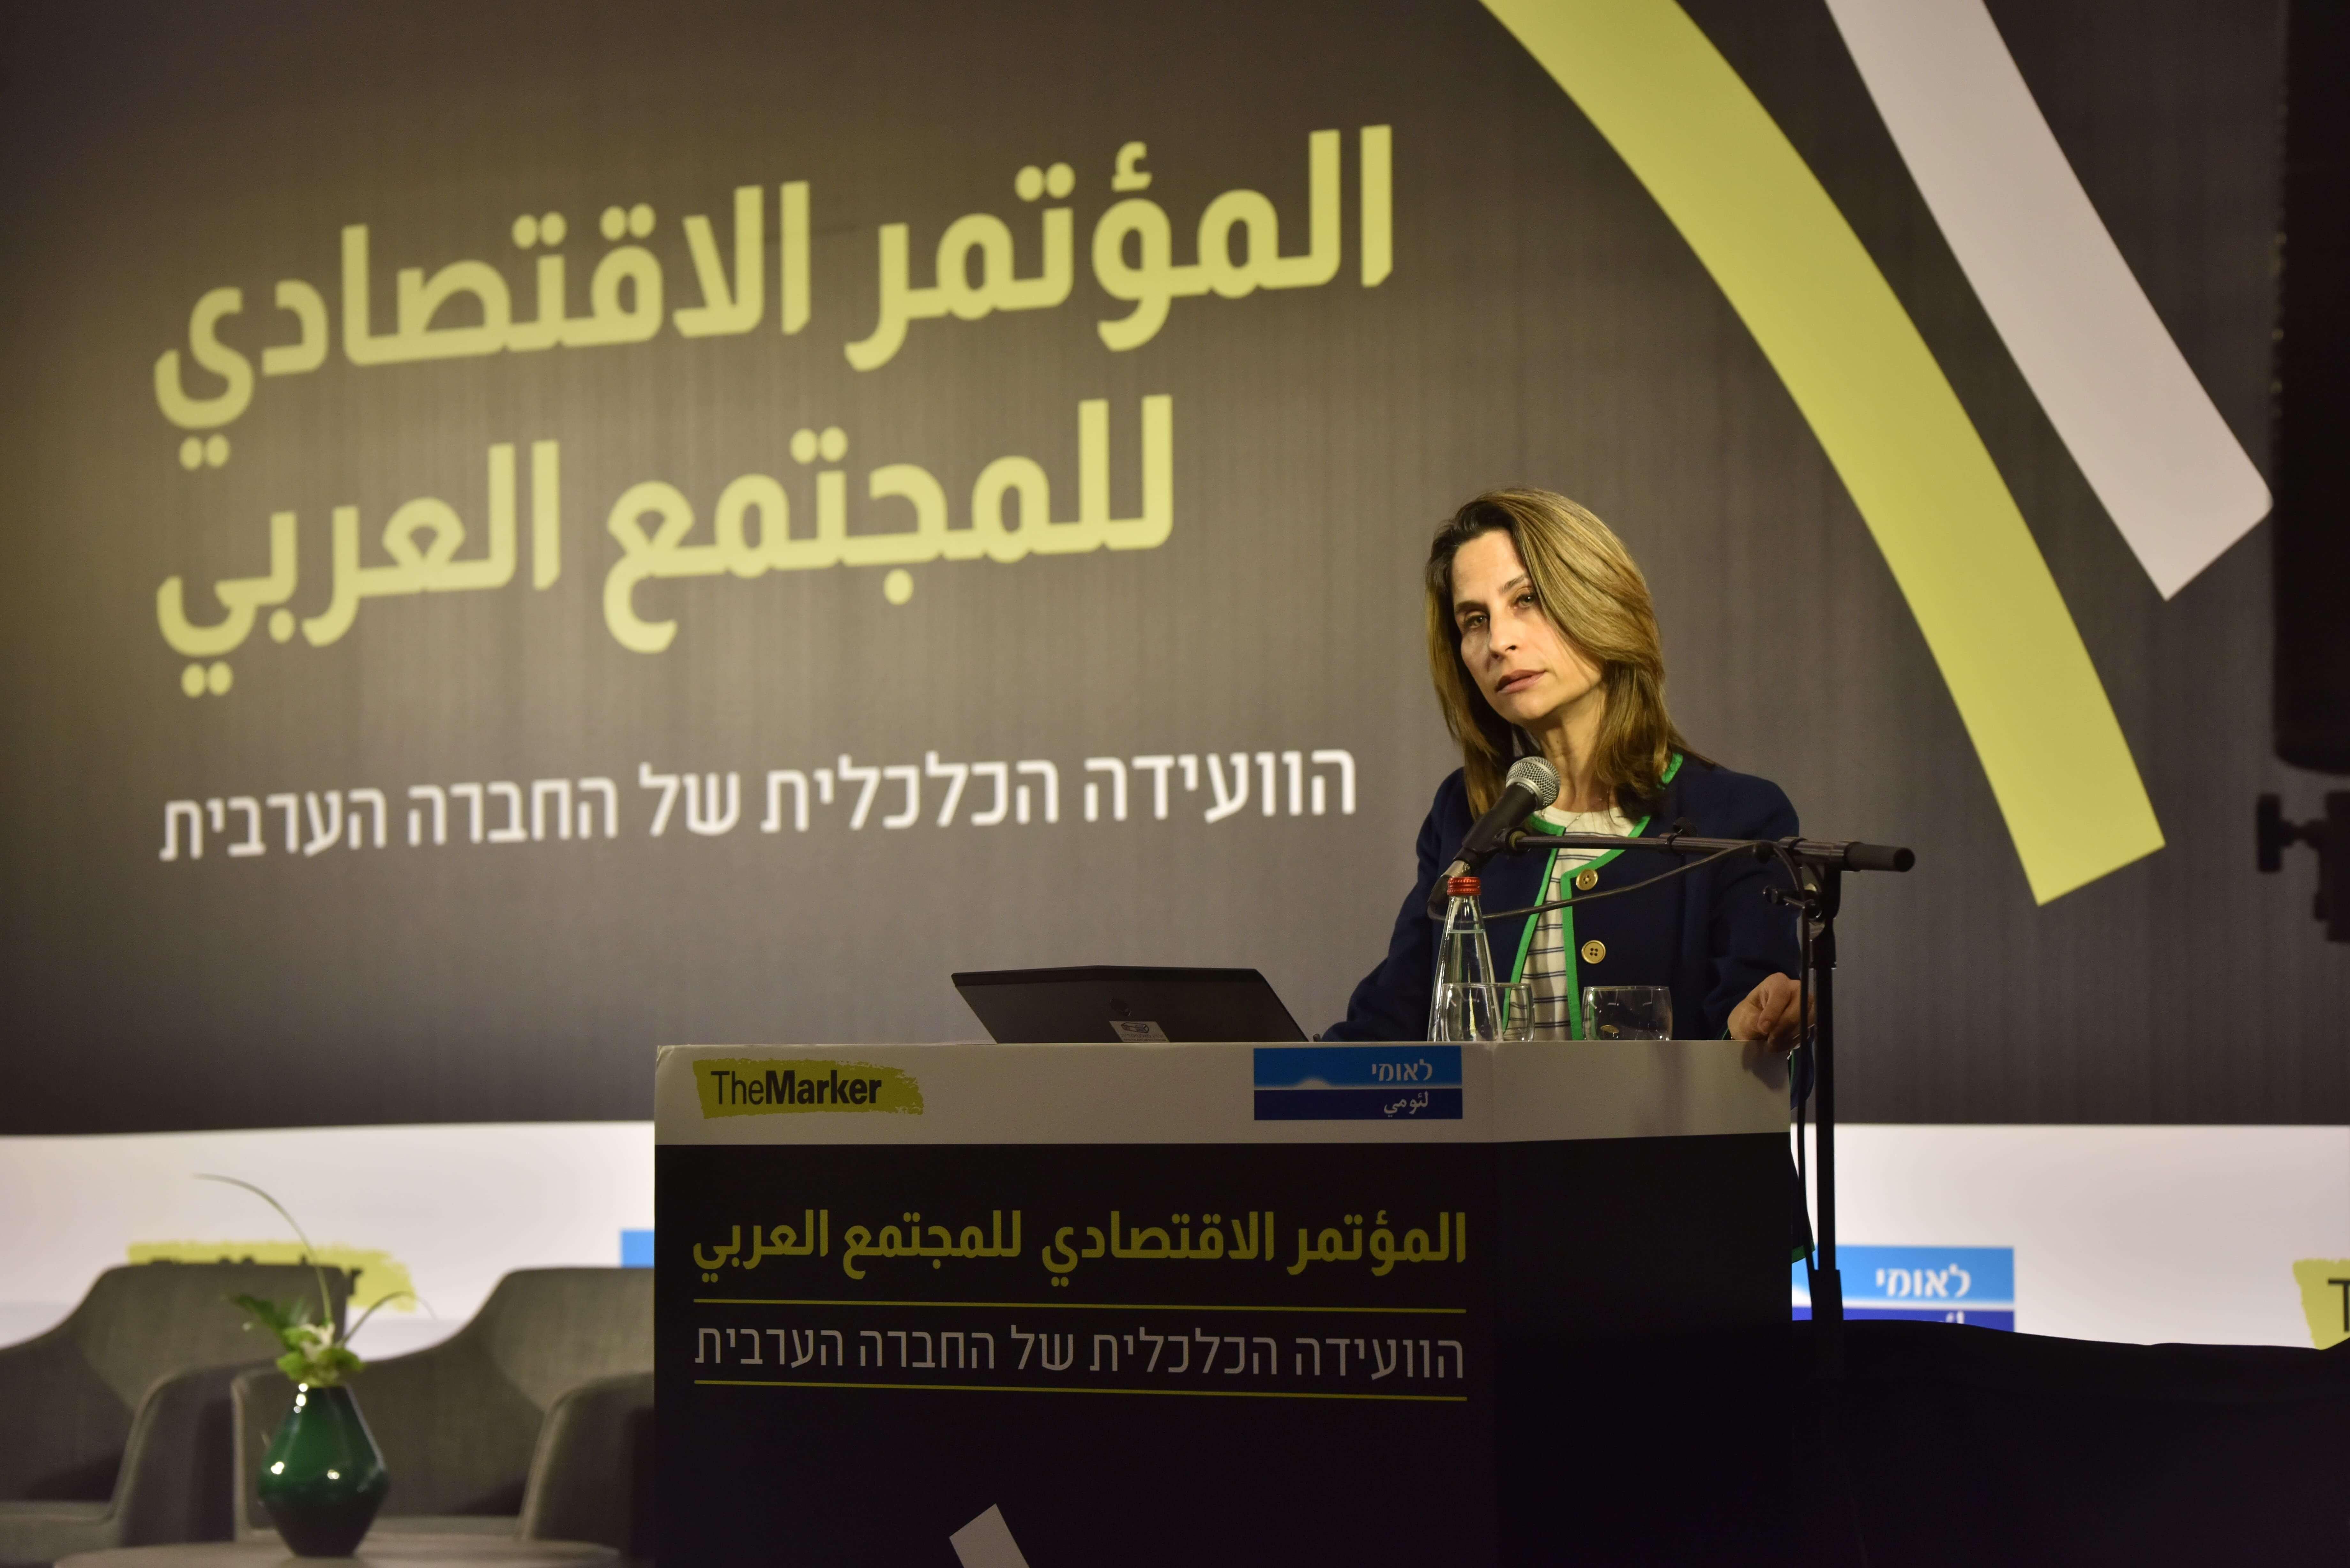 """نجاح كبير لـ """"المؤتمر الاقتصادي للمجتمع العربي """" لـ The Marker وبنك لئومي-2"""